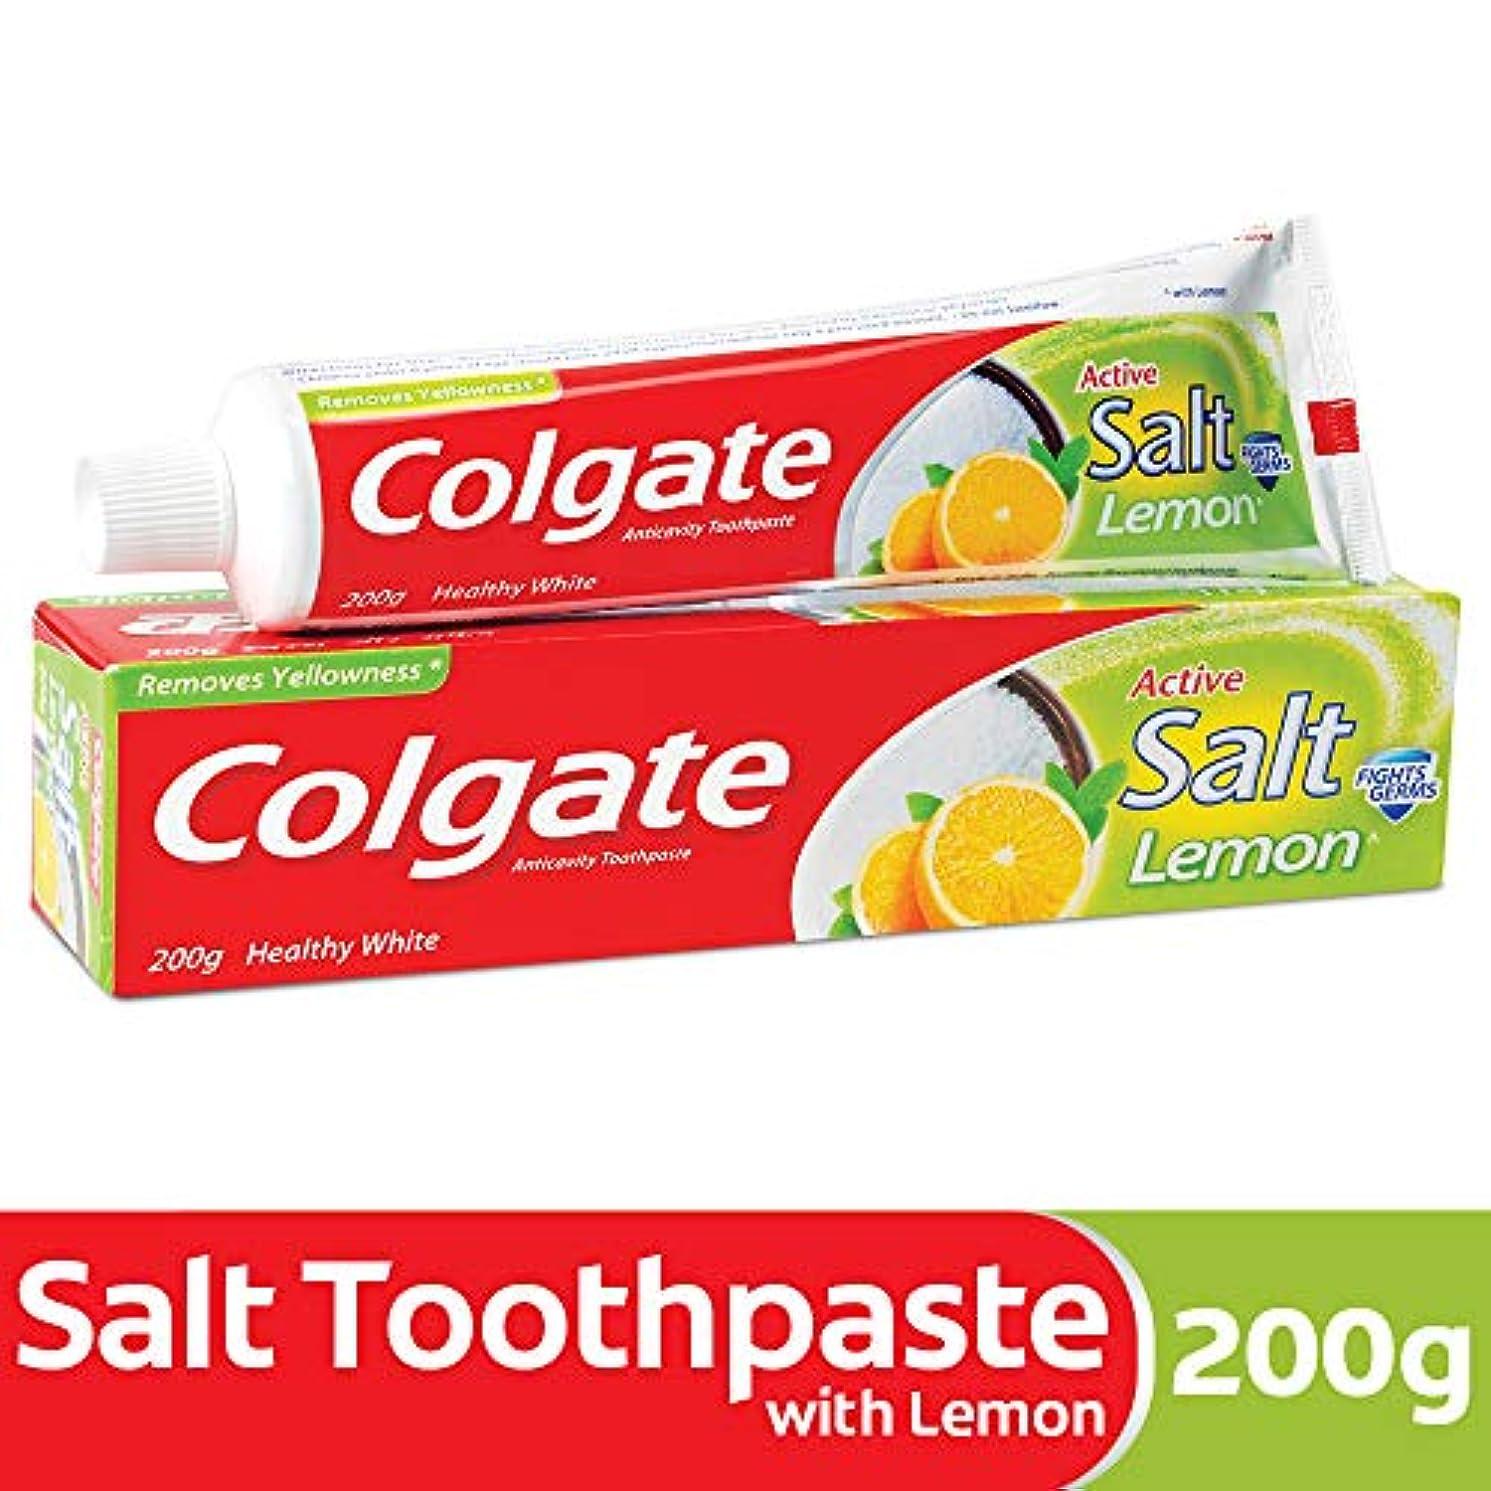 炎上ひねくれた遺伝的Colgate Toothpaste Active Salt - 200 g (Salt and Lemon)